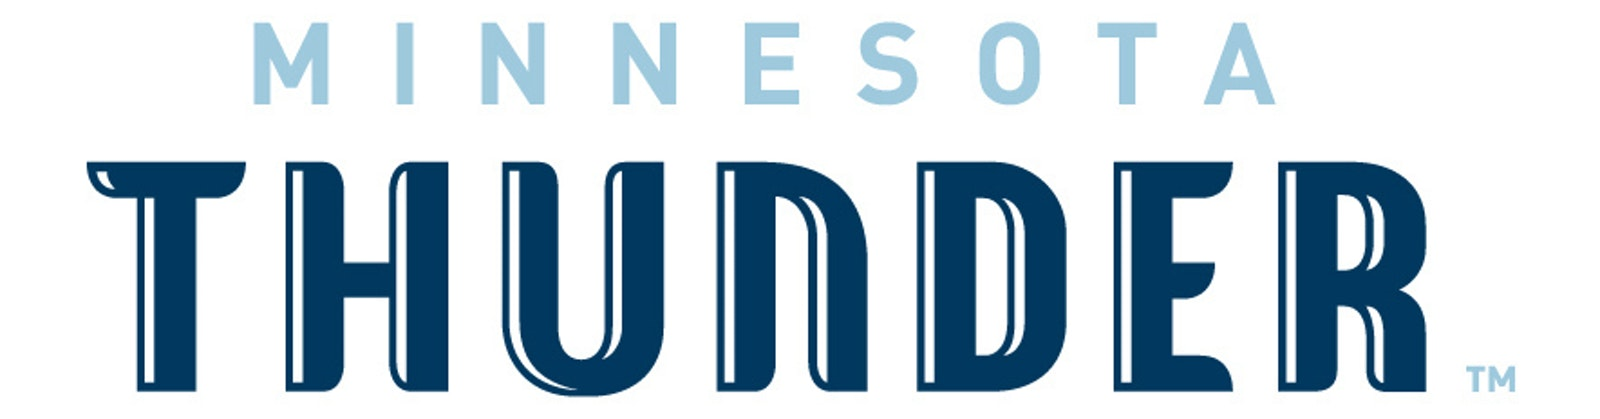 Thunder logo wordmark